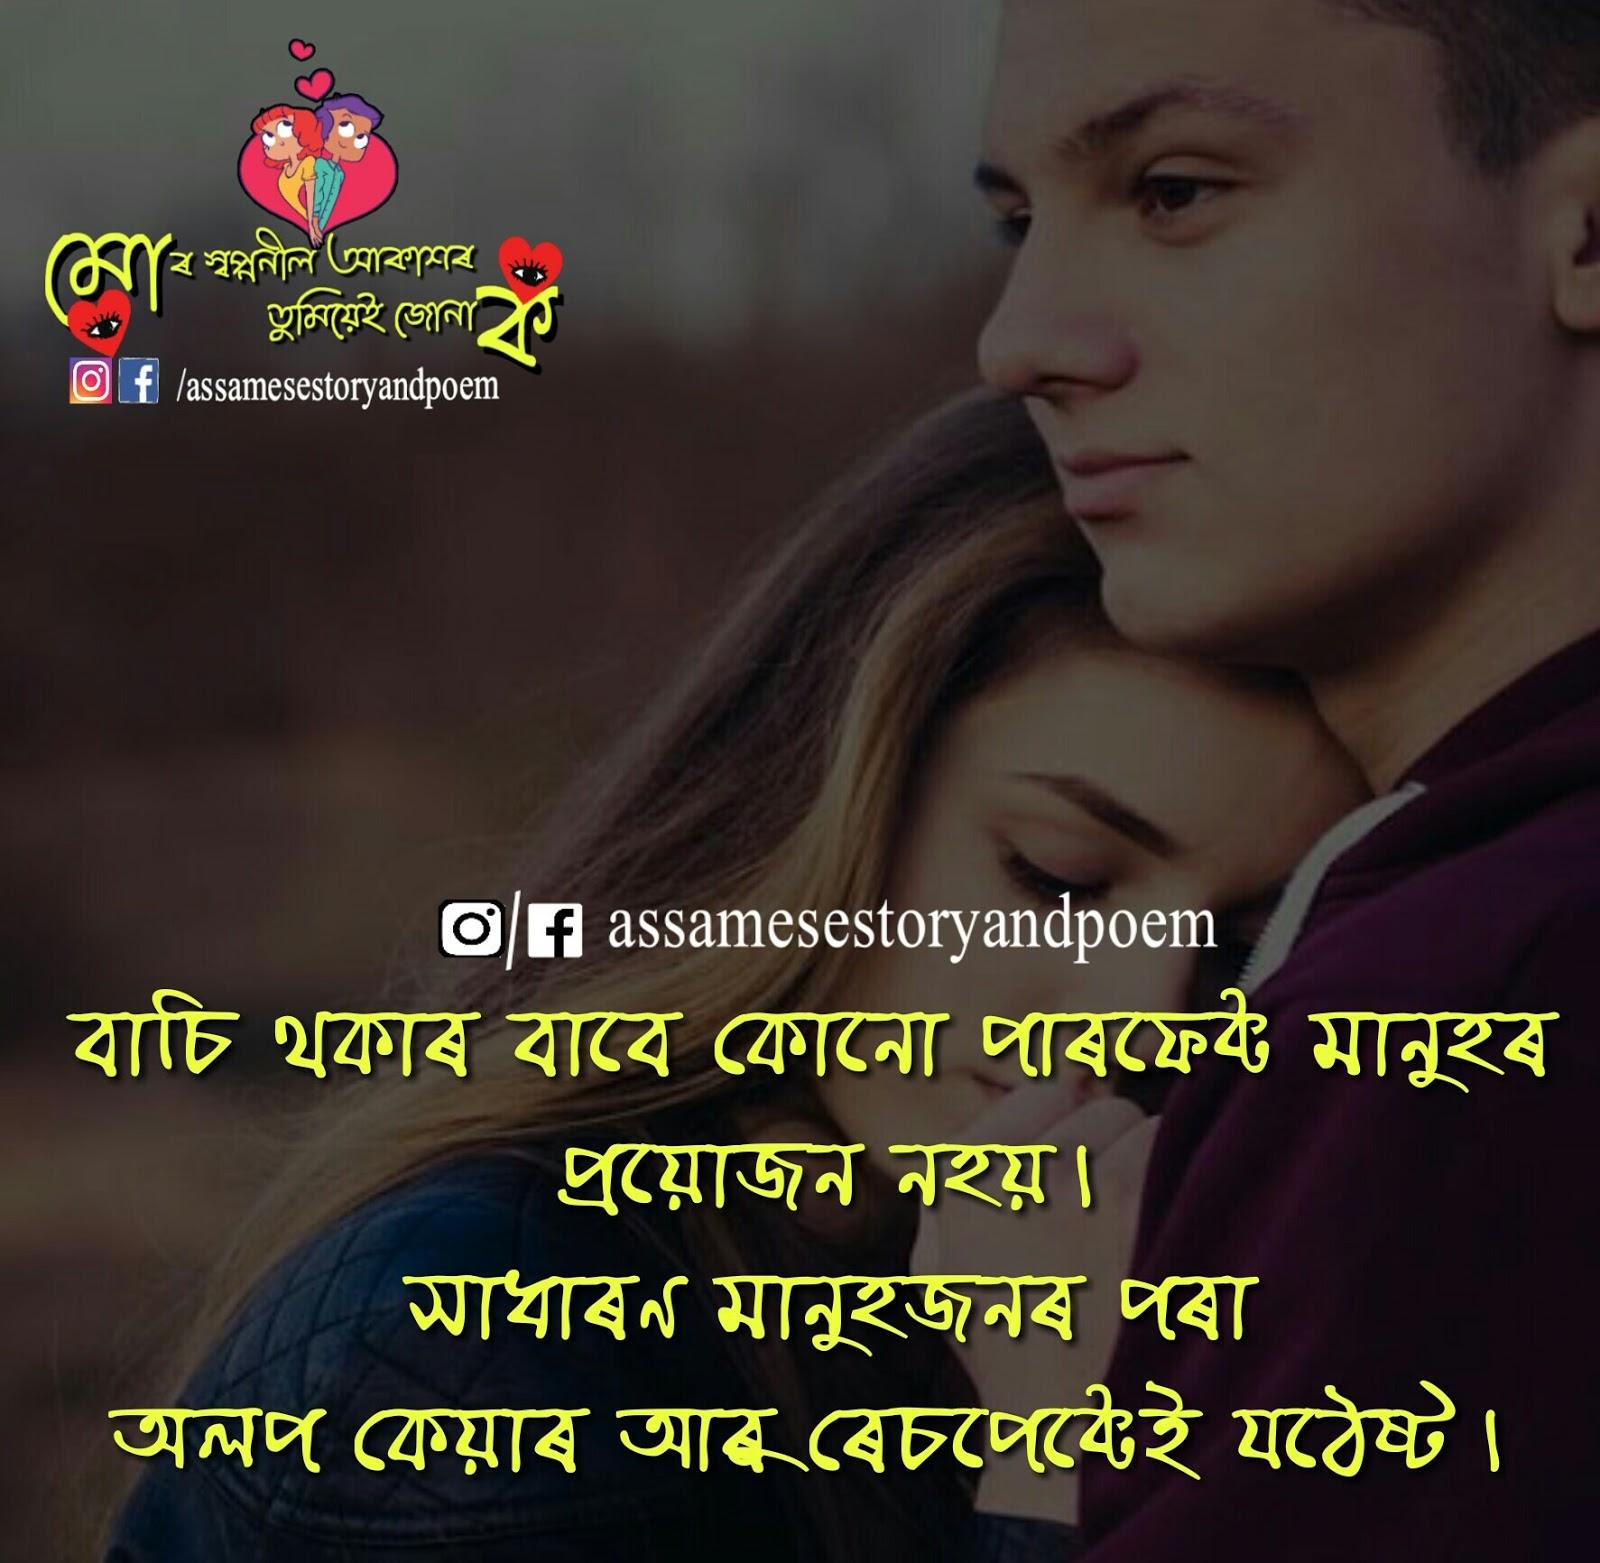 Assamese stuff assamese quotes on life